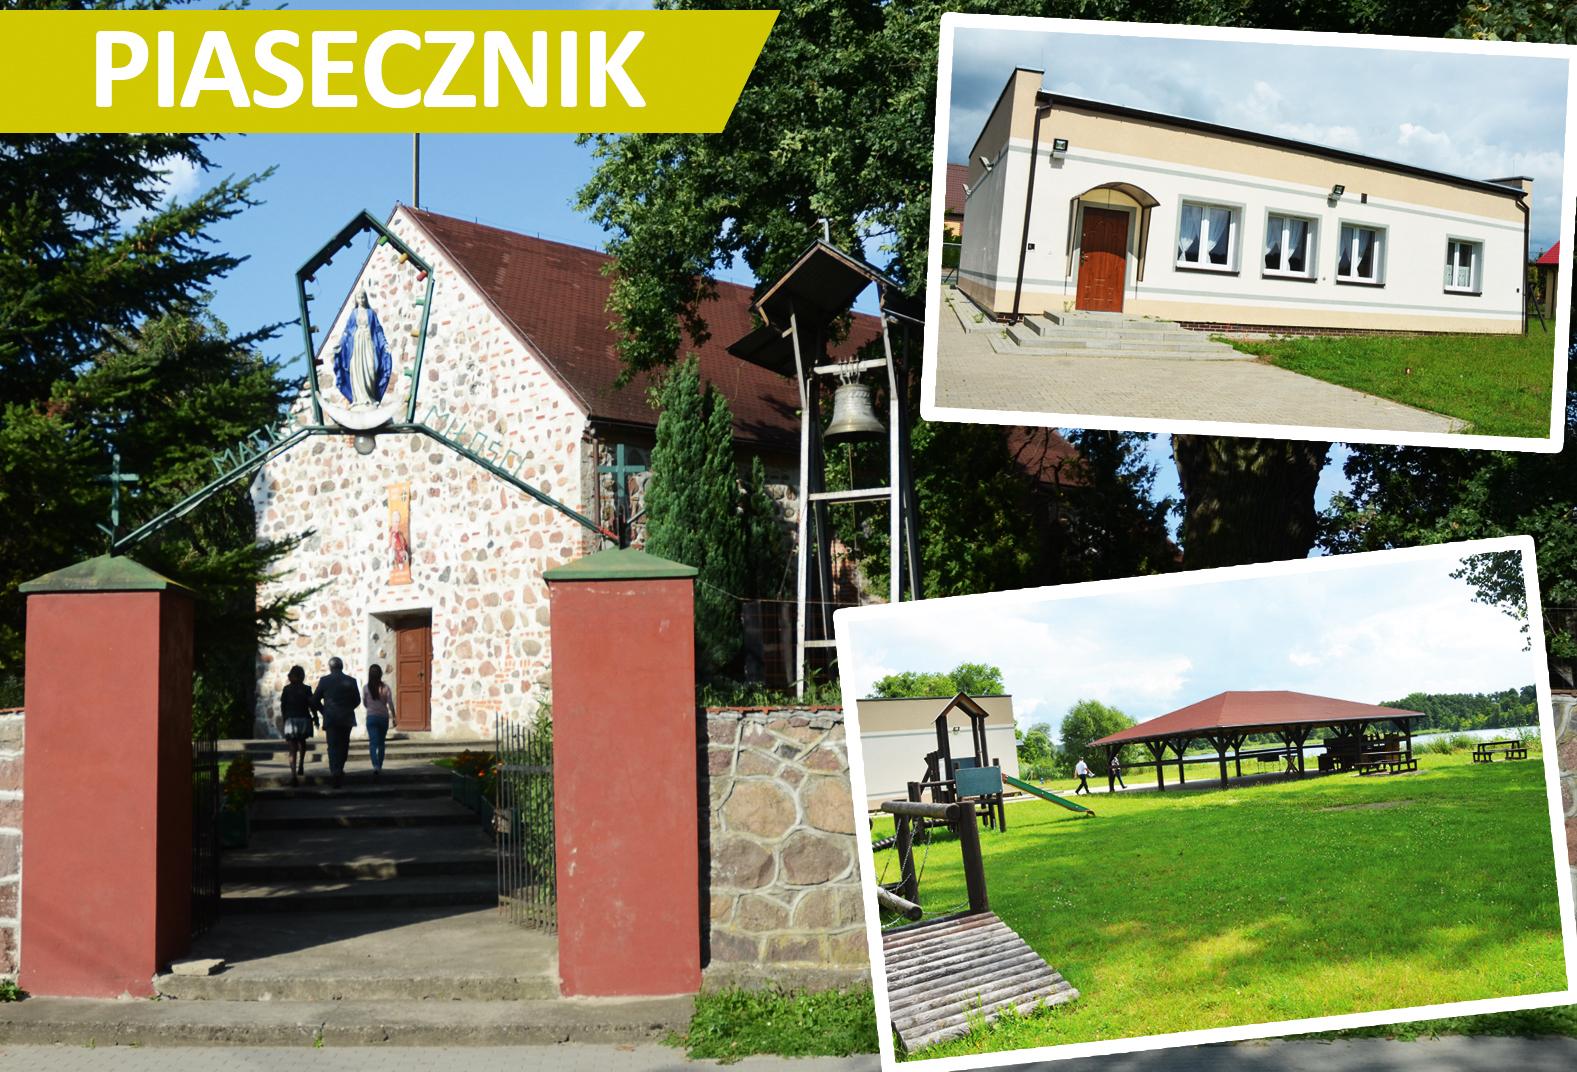 kościół w Piaseczniku